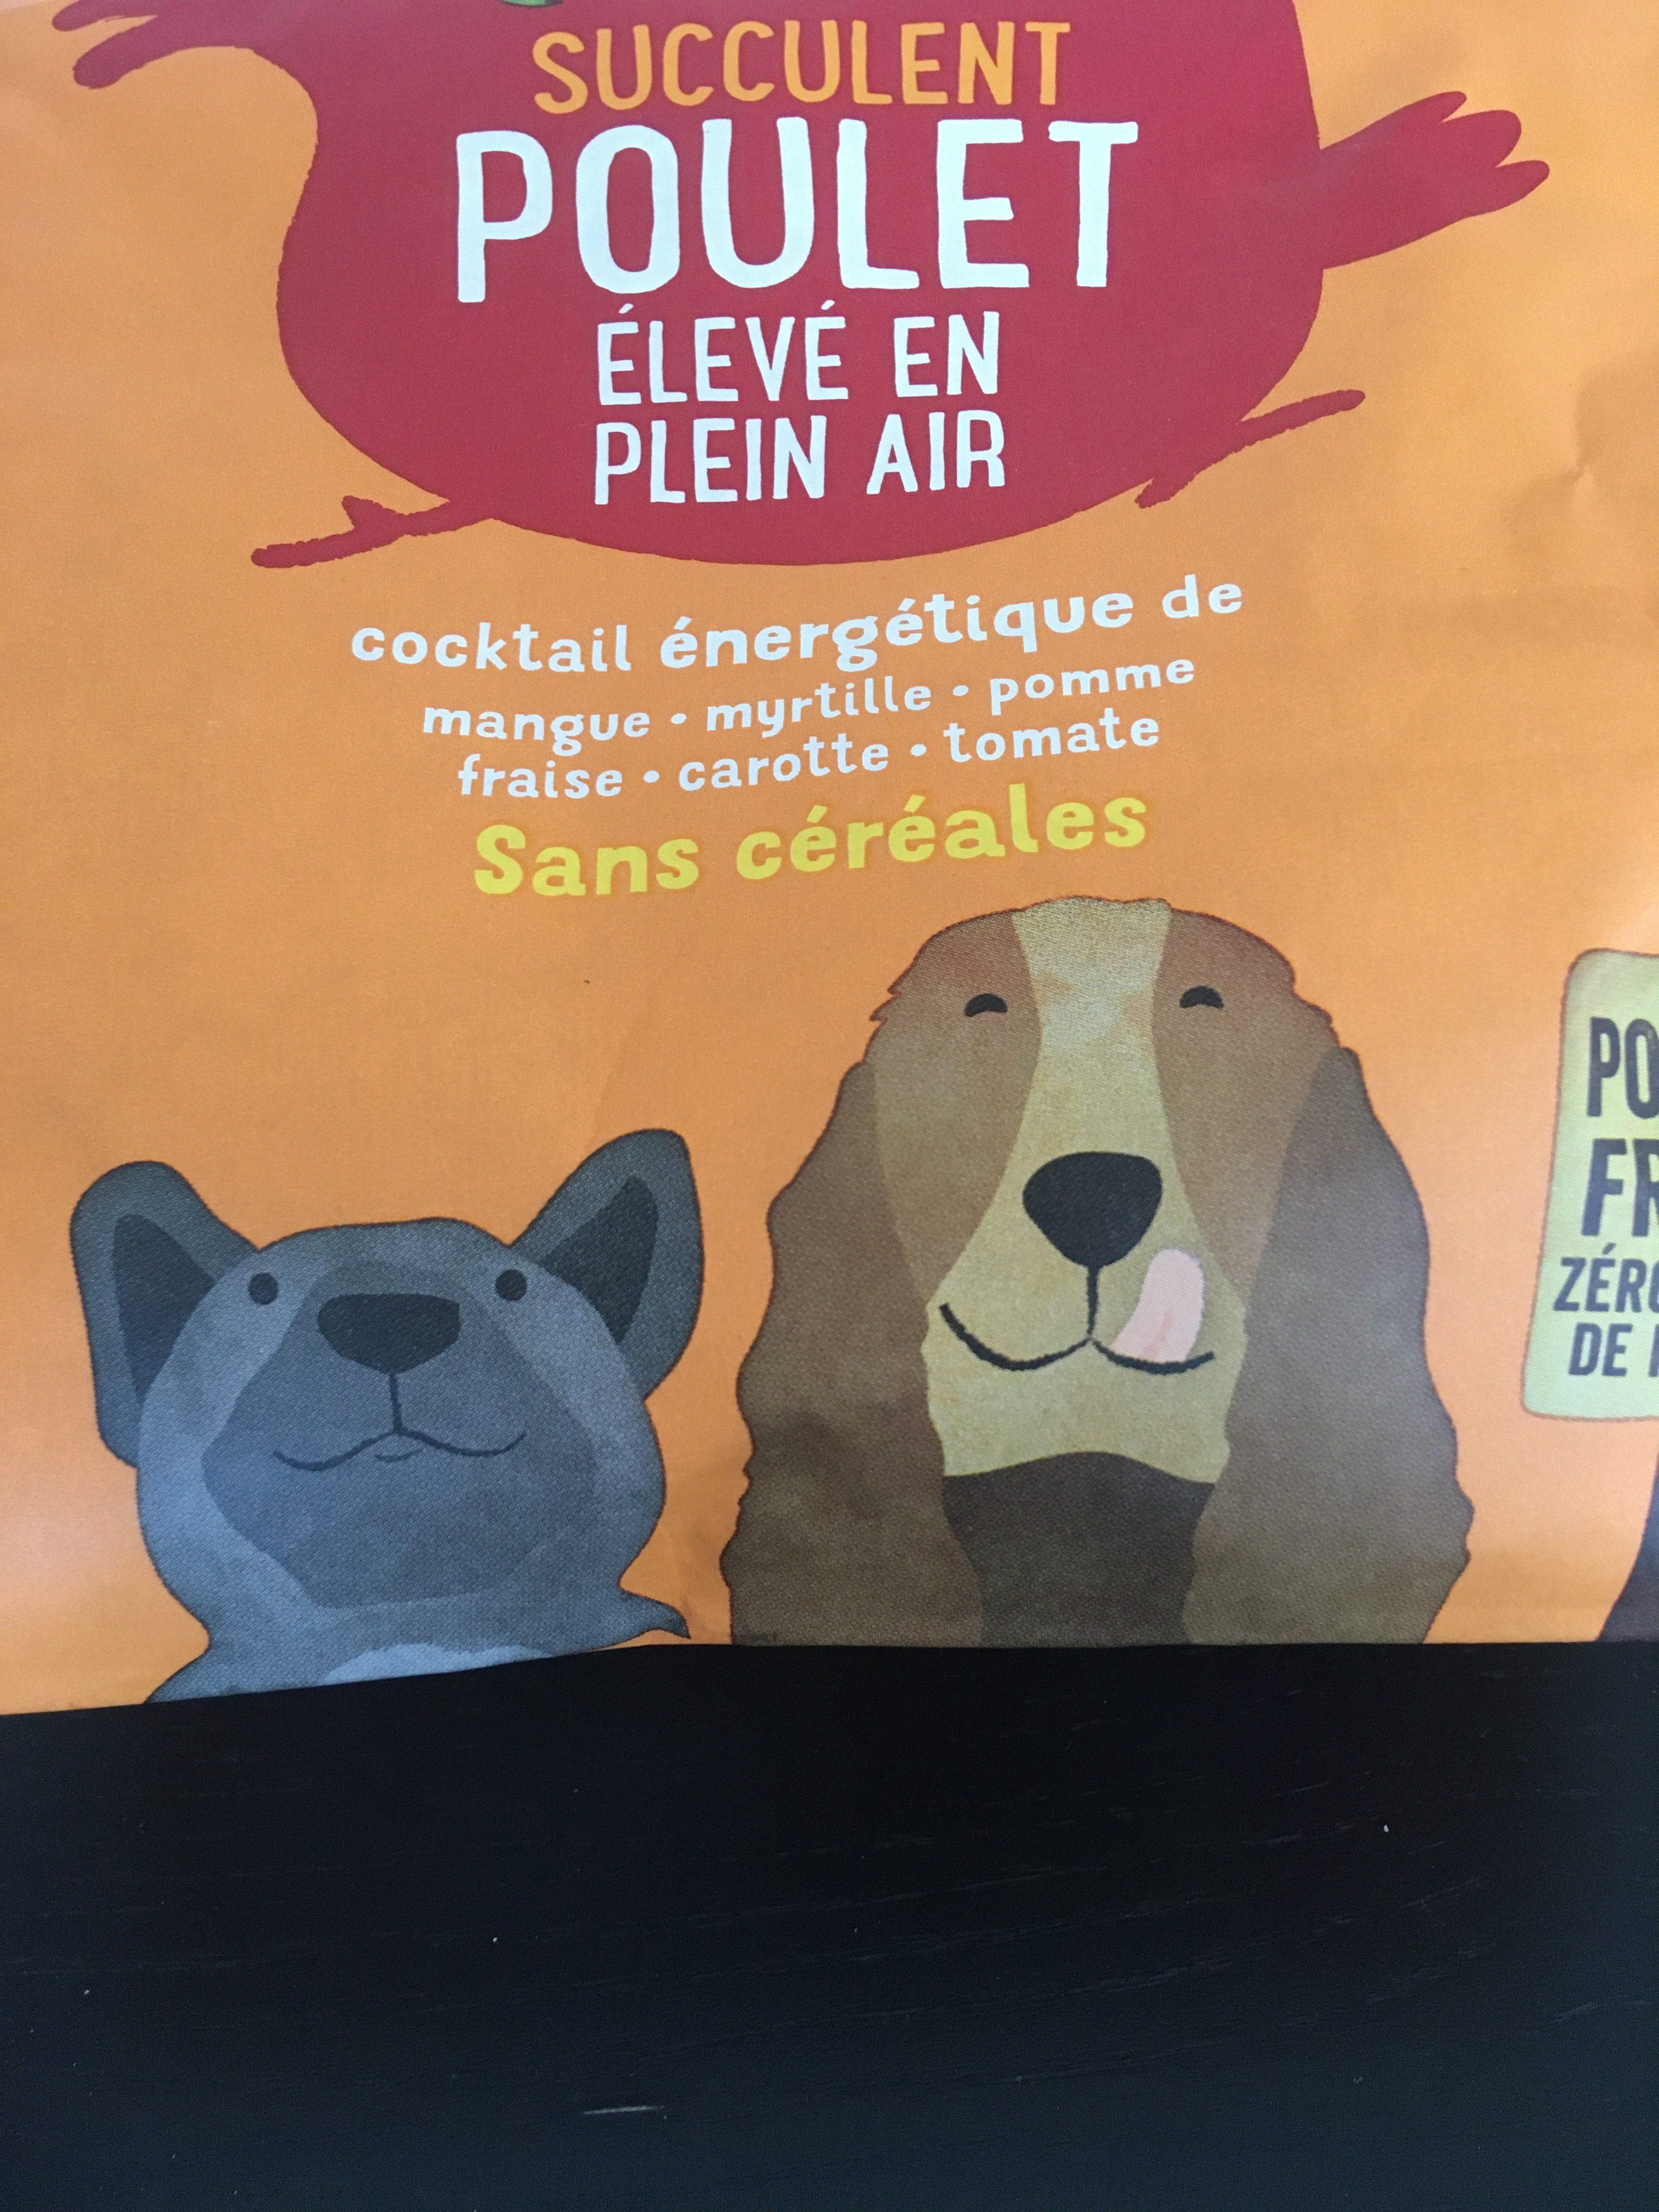 Etiquette des aliments pour animaux de compagnie